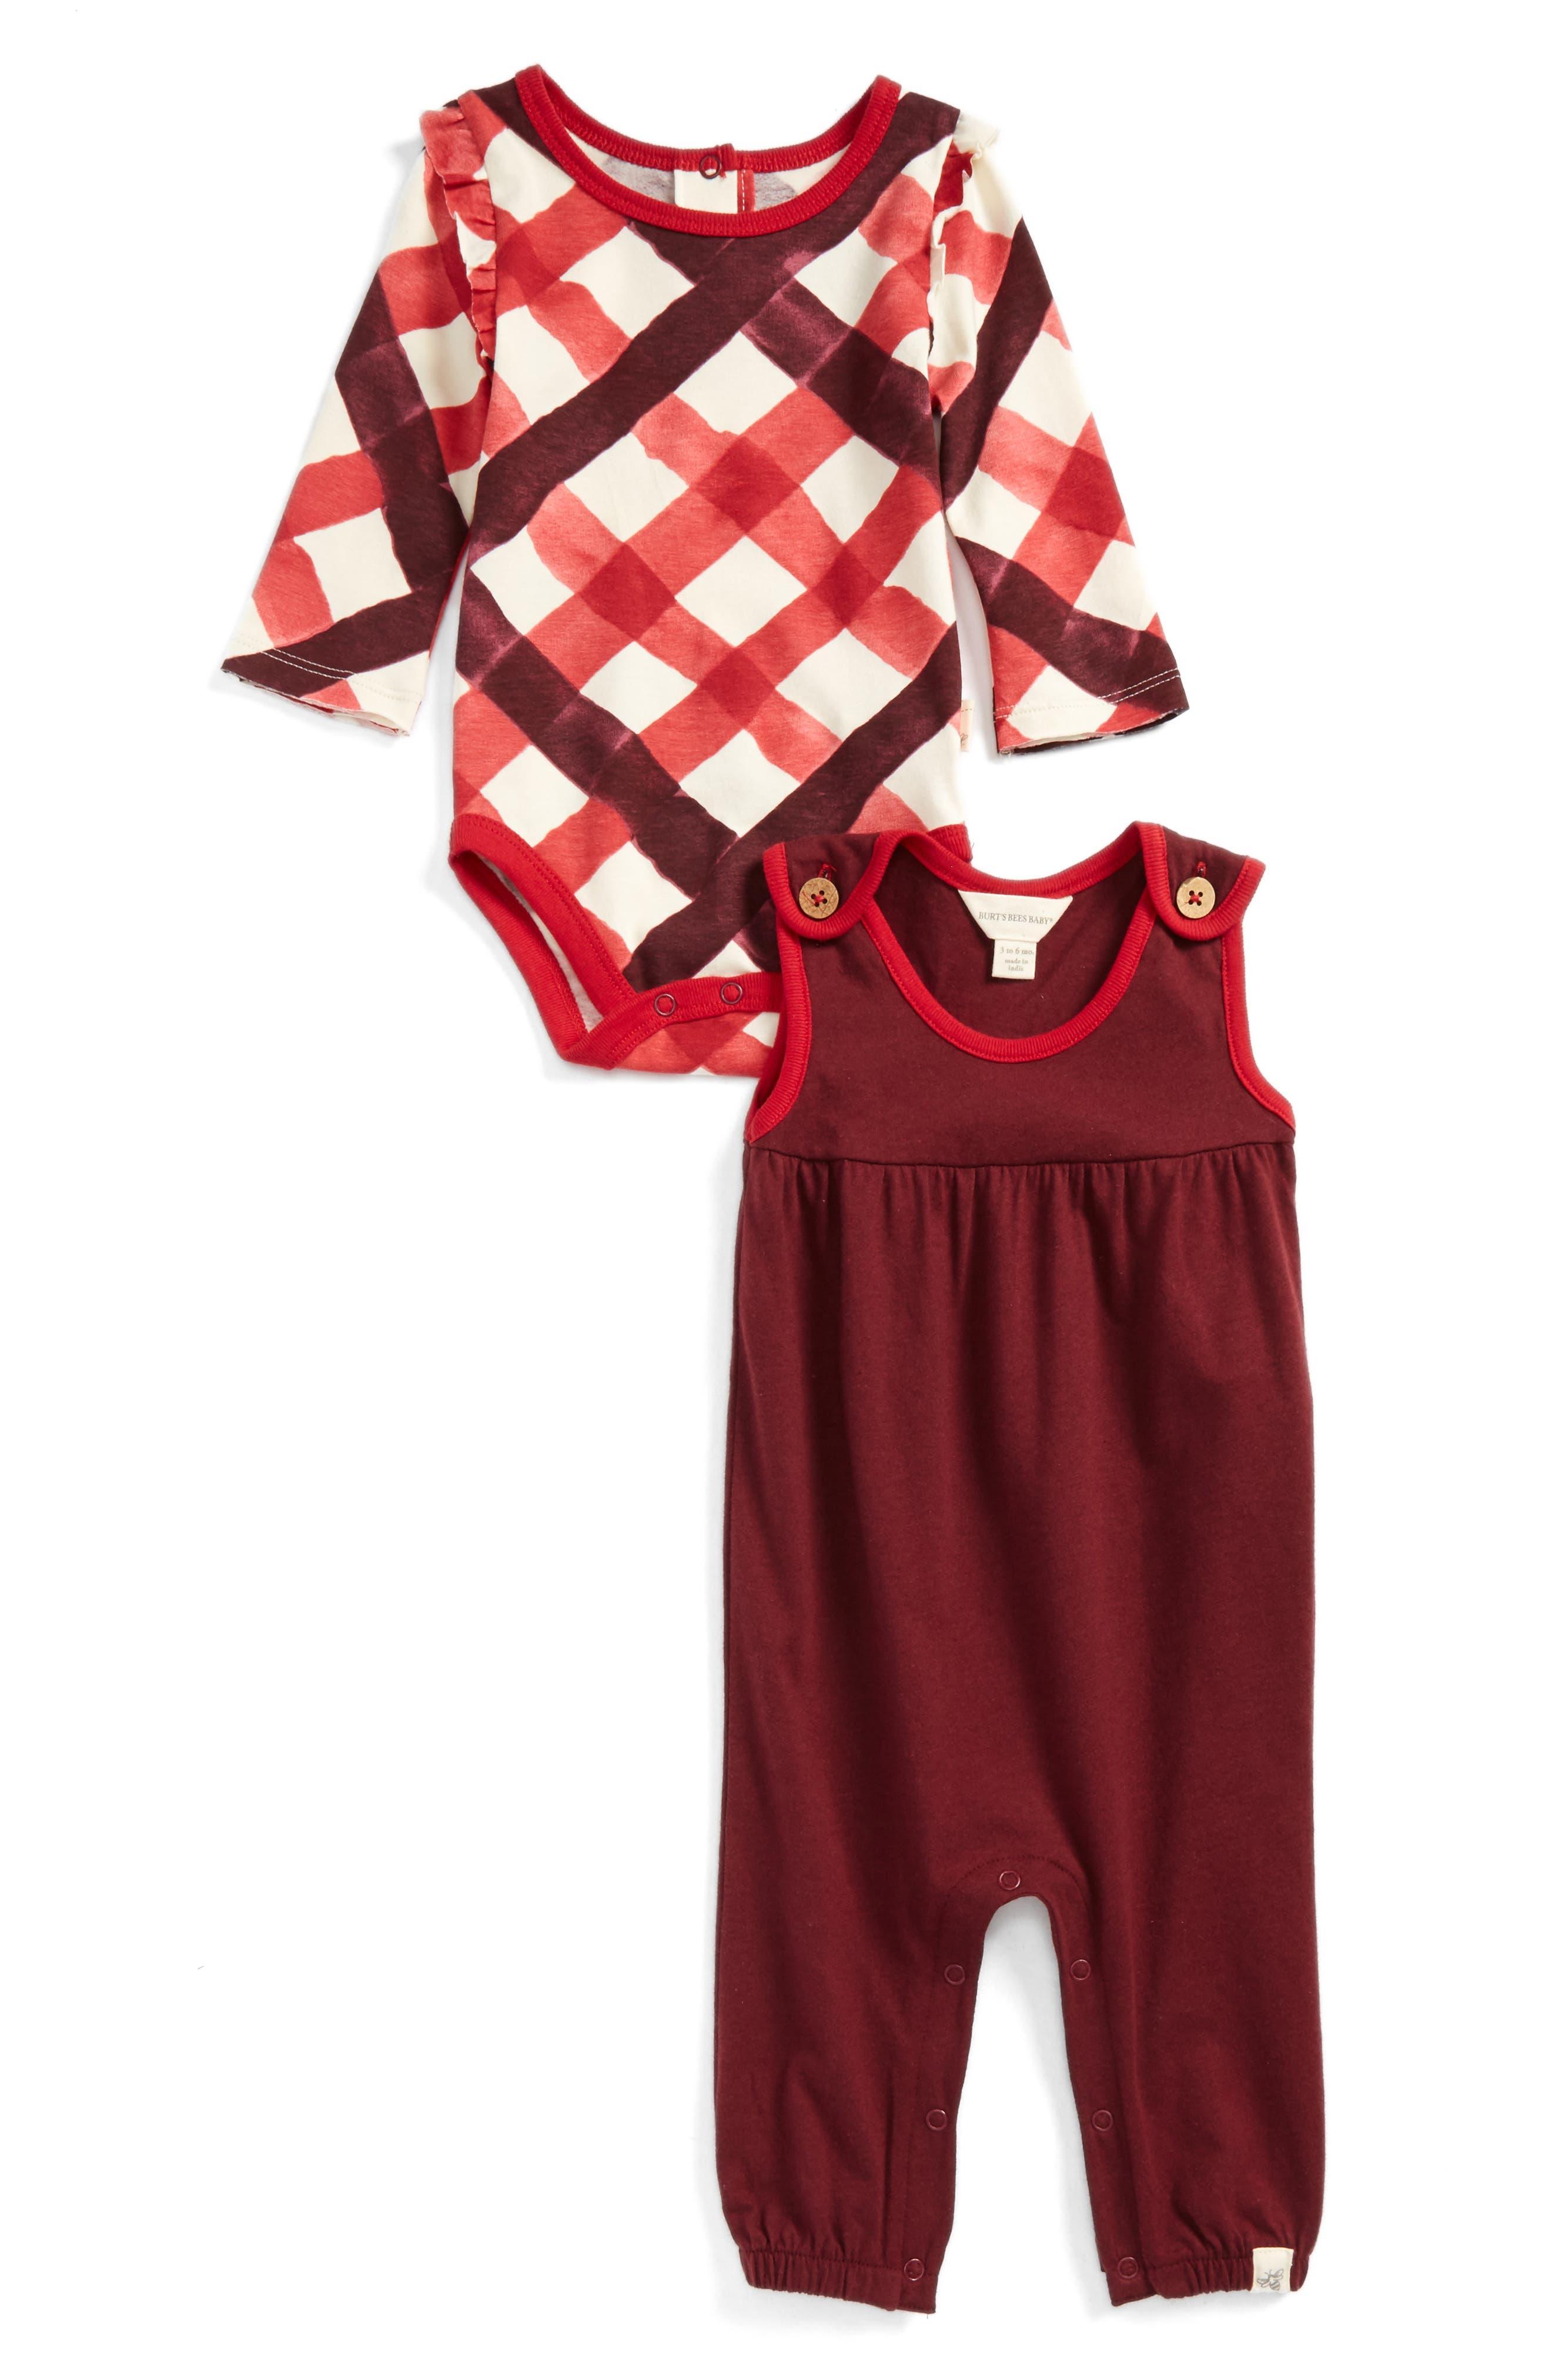 Main Image - Burt's Bees Baby Ruffle Bodysuit & Romper Set (Baby Girls)